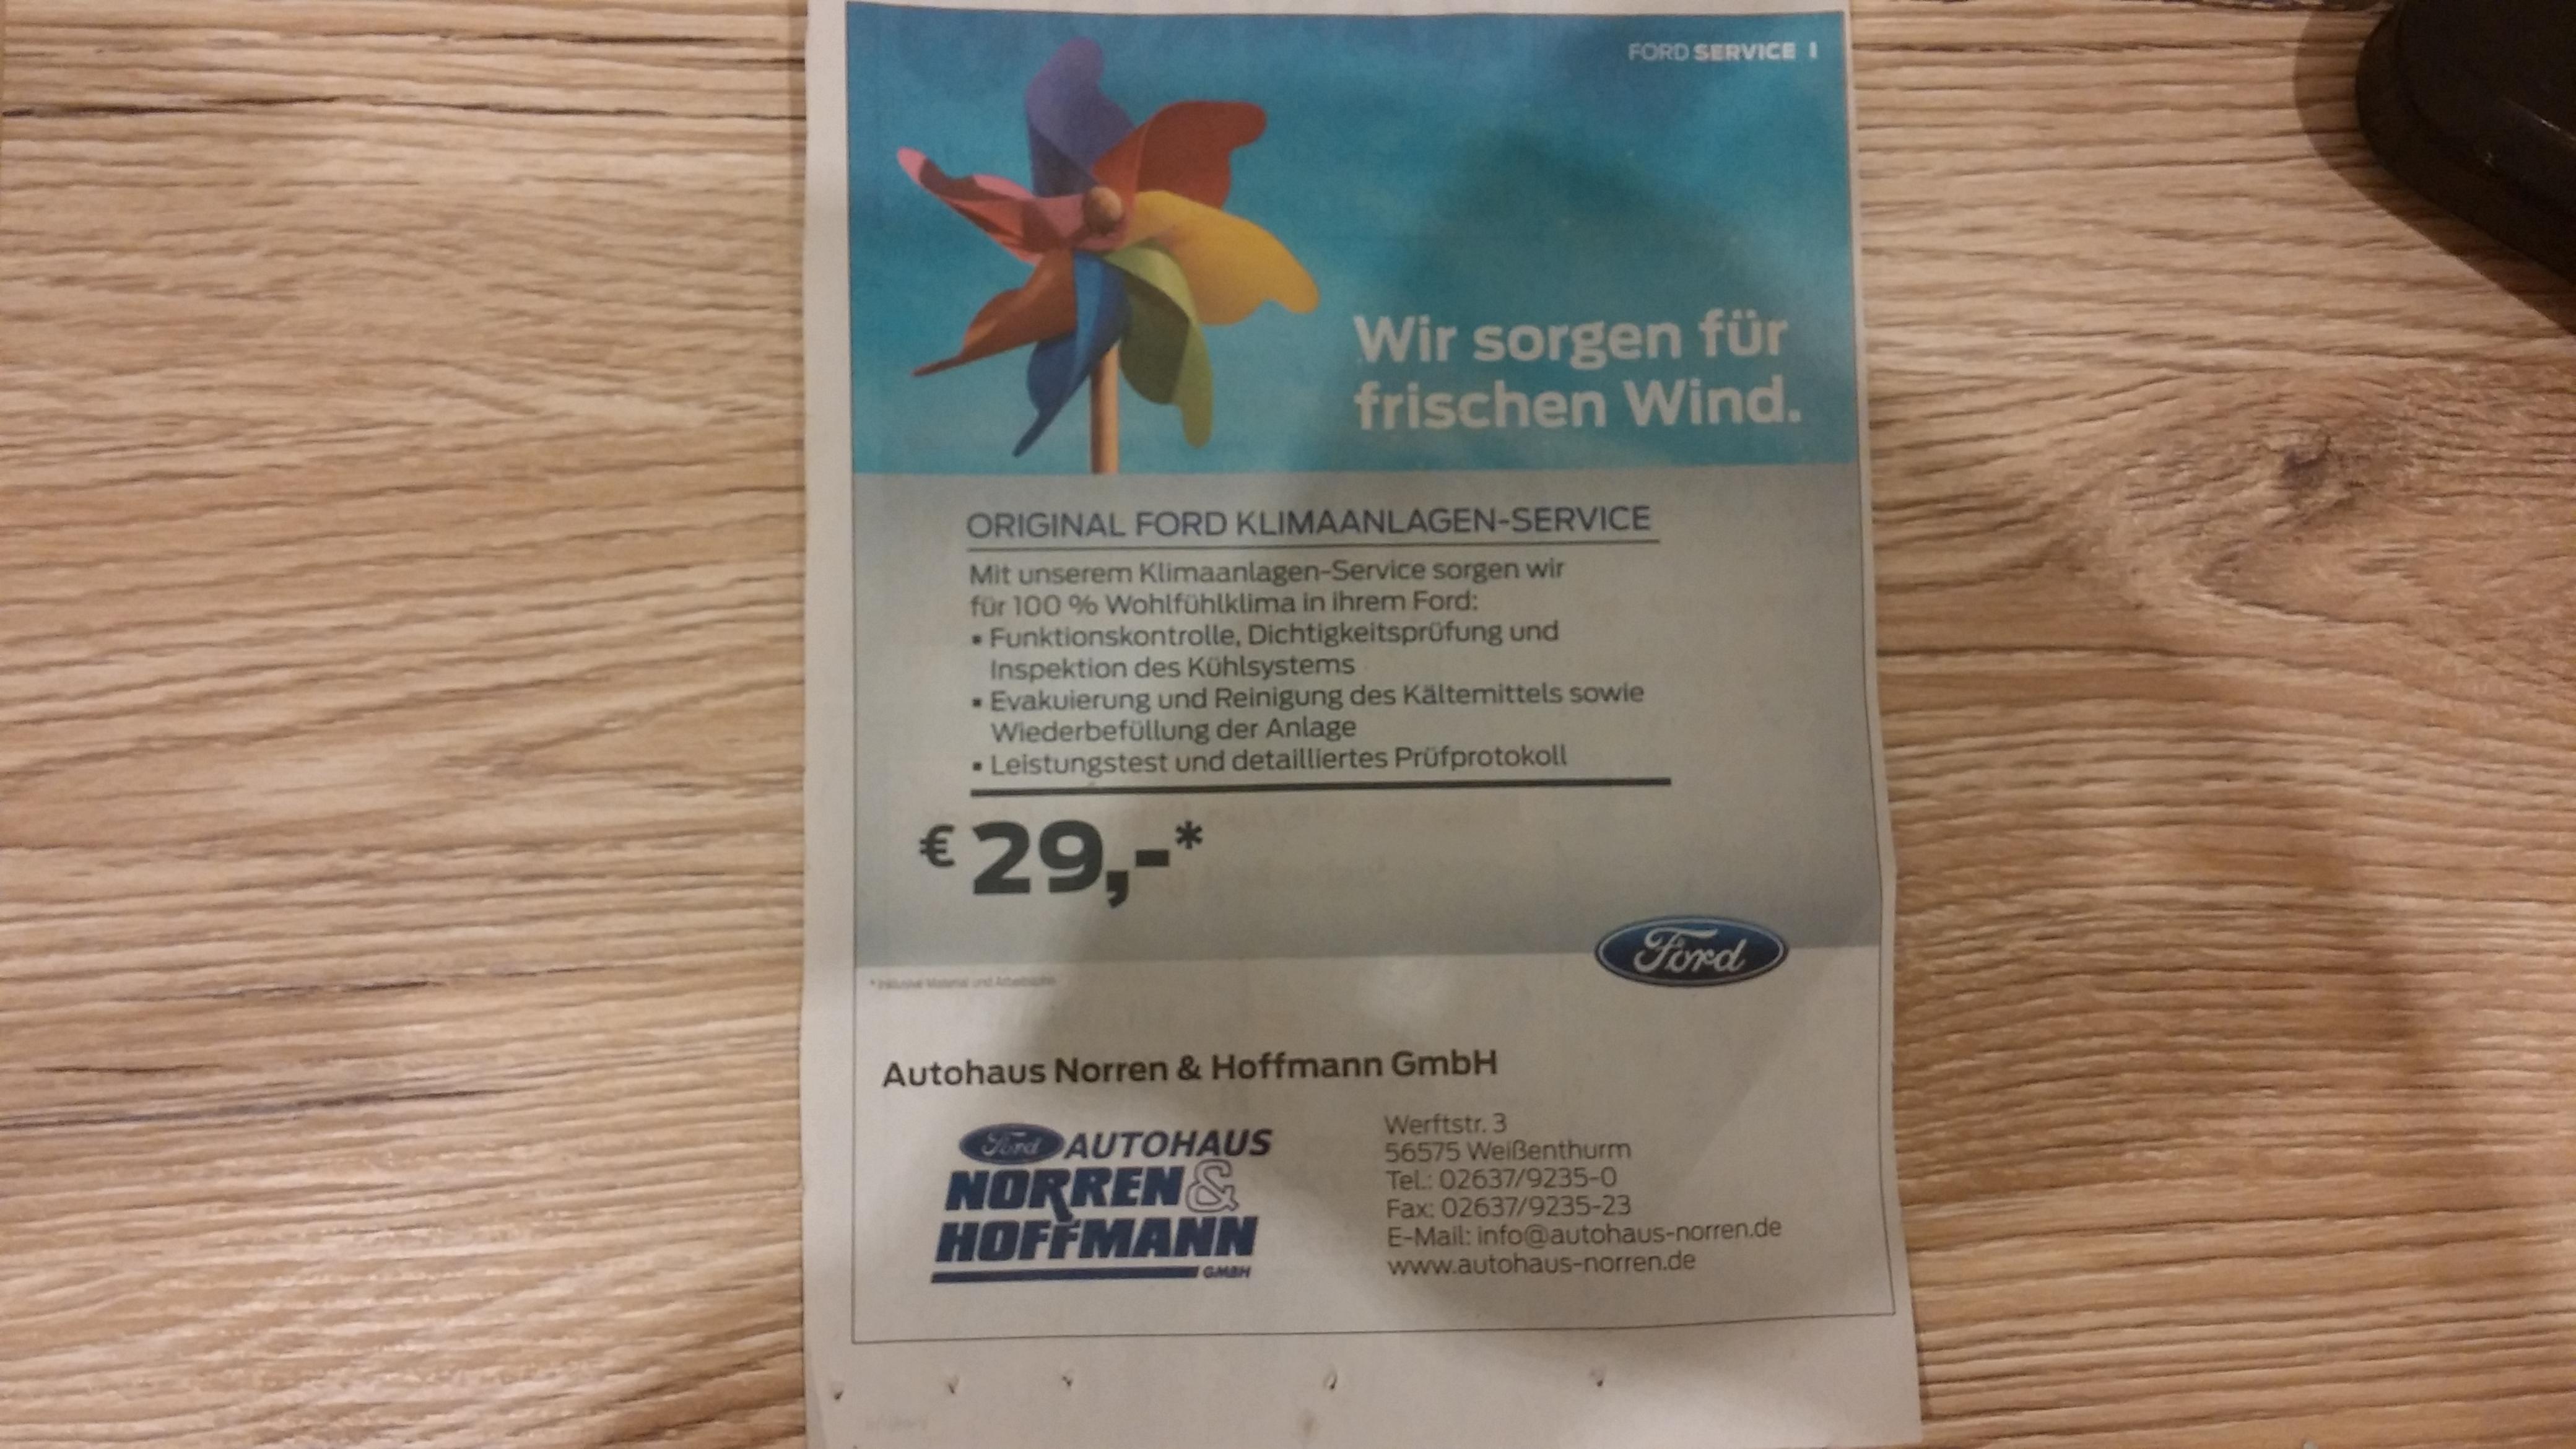 [Regional Weißenthurm] Ford Klimaanlagenservice incl. Material für 29 Euro